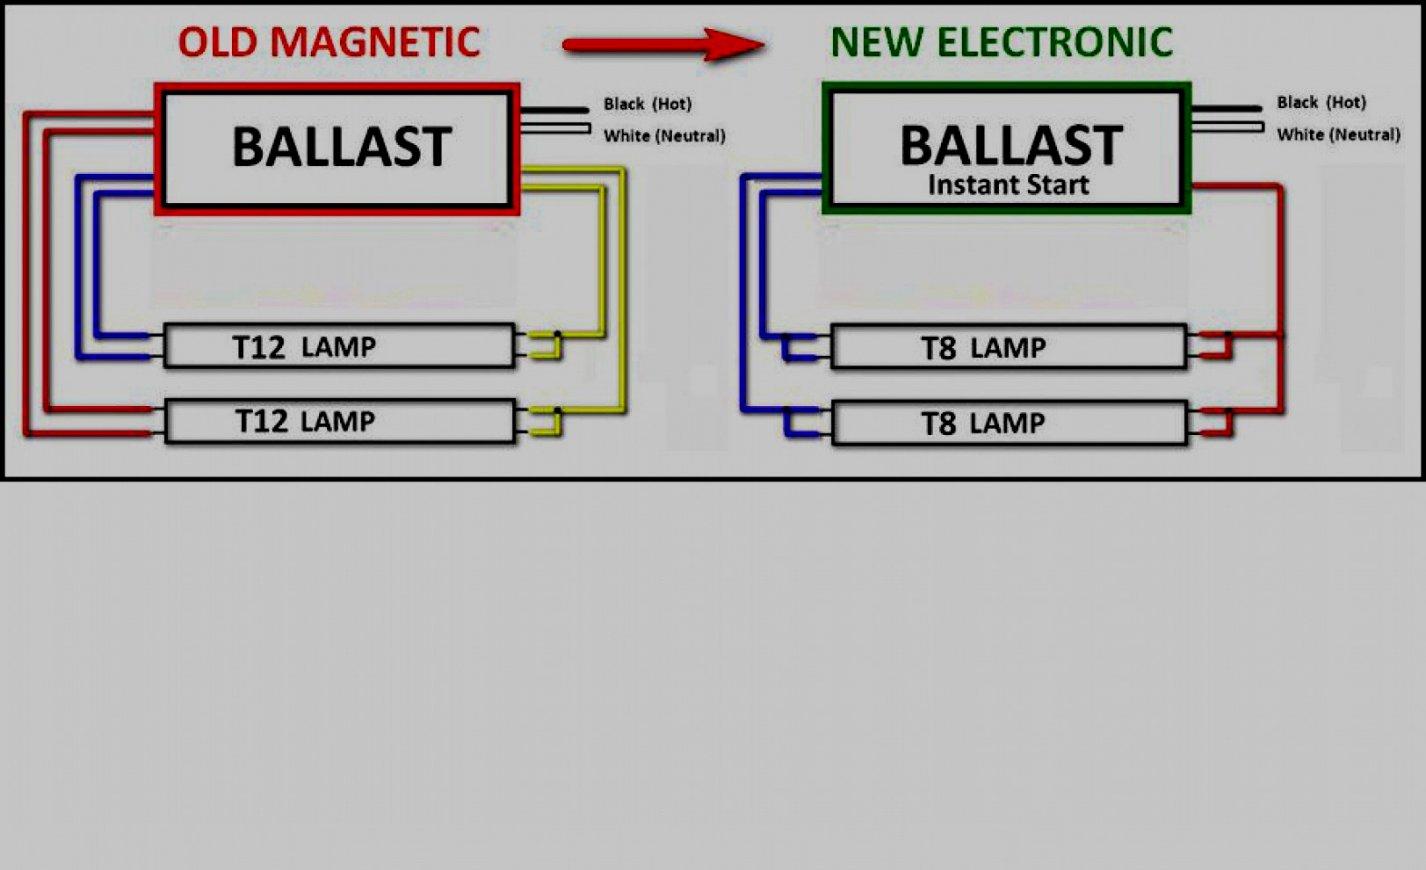 Ge Electronic Ballast Wiring Diagram - Mitsubishi Mxz 8b48na Wiring Diagram  - bosecar.holden-commodore.jeanjaures37.fr | Ge T8 Ballast Wiring Diagram |  | Wiring Diagram Resource